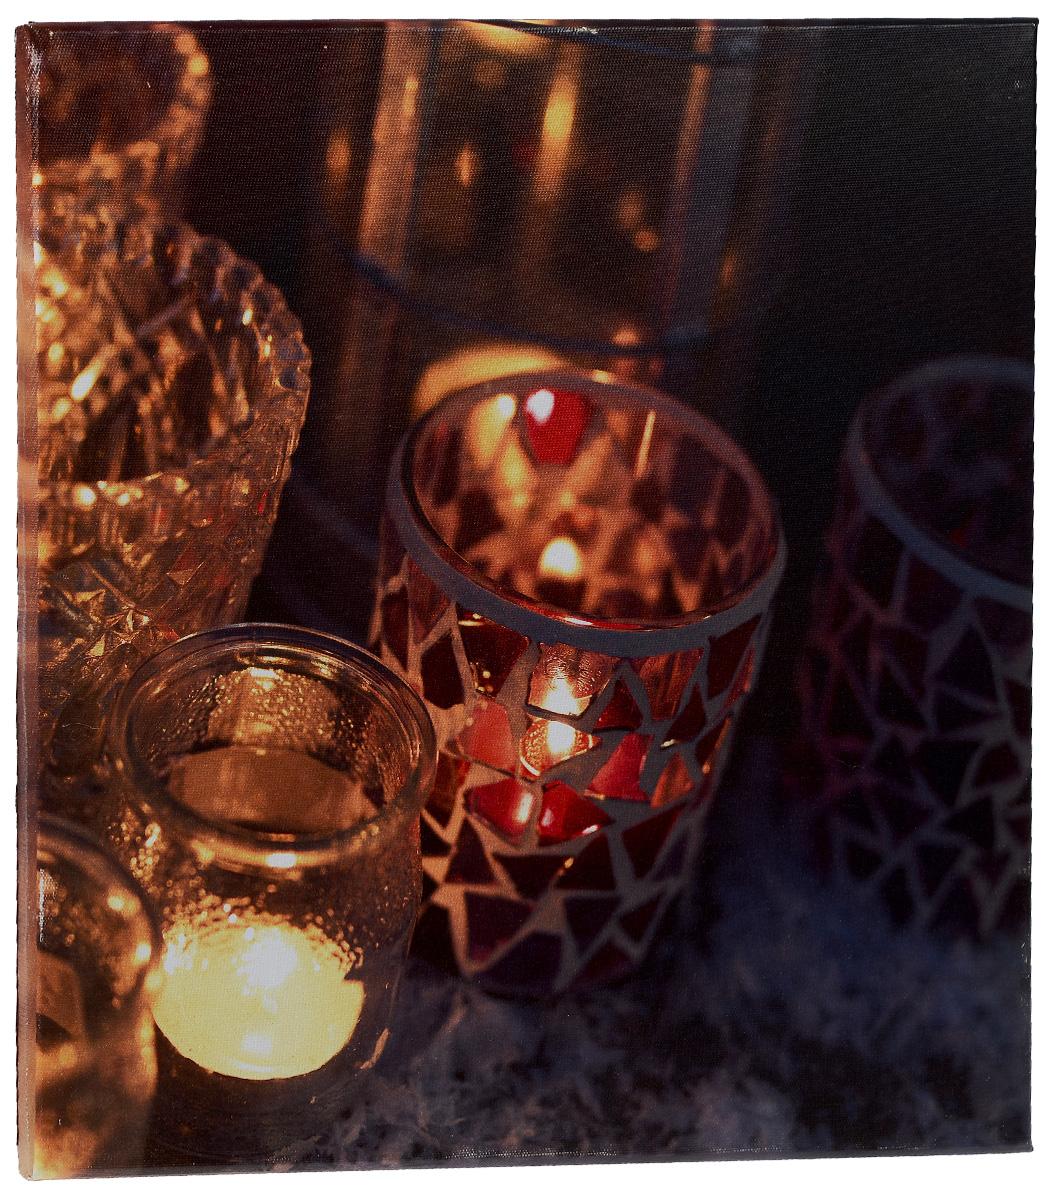 Картина MTH Свечи, со светодиодами, 40 х 40 см1270Картина MTH Свечи выполнена на основе из МДФ, обтянутой холстом.Изделие оснащено светодиодами. Их теплый мерцающий в темноте светоживит ваш дом и добавит ему уюта. На картине изображены свечи в декоративных подсвечниках. Благодаря светодиодной подсветке создается ощущение, что теплый свет, исходящий от свечей, действительно может согревать. С оборотной стороны картина оснащена специальным отверстием для подвешивания на стену.Необычная картина придаст интерьеру невероятного шарма и оригинальности.Рисунок успокаивает нервную систему, помогая расслабиться и отвлечься отповседневных забот. Подсветка работает от 2 батареек типа АА напряжением 1,5V (в комплект не входят).